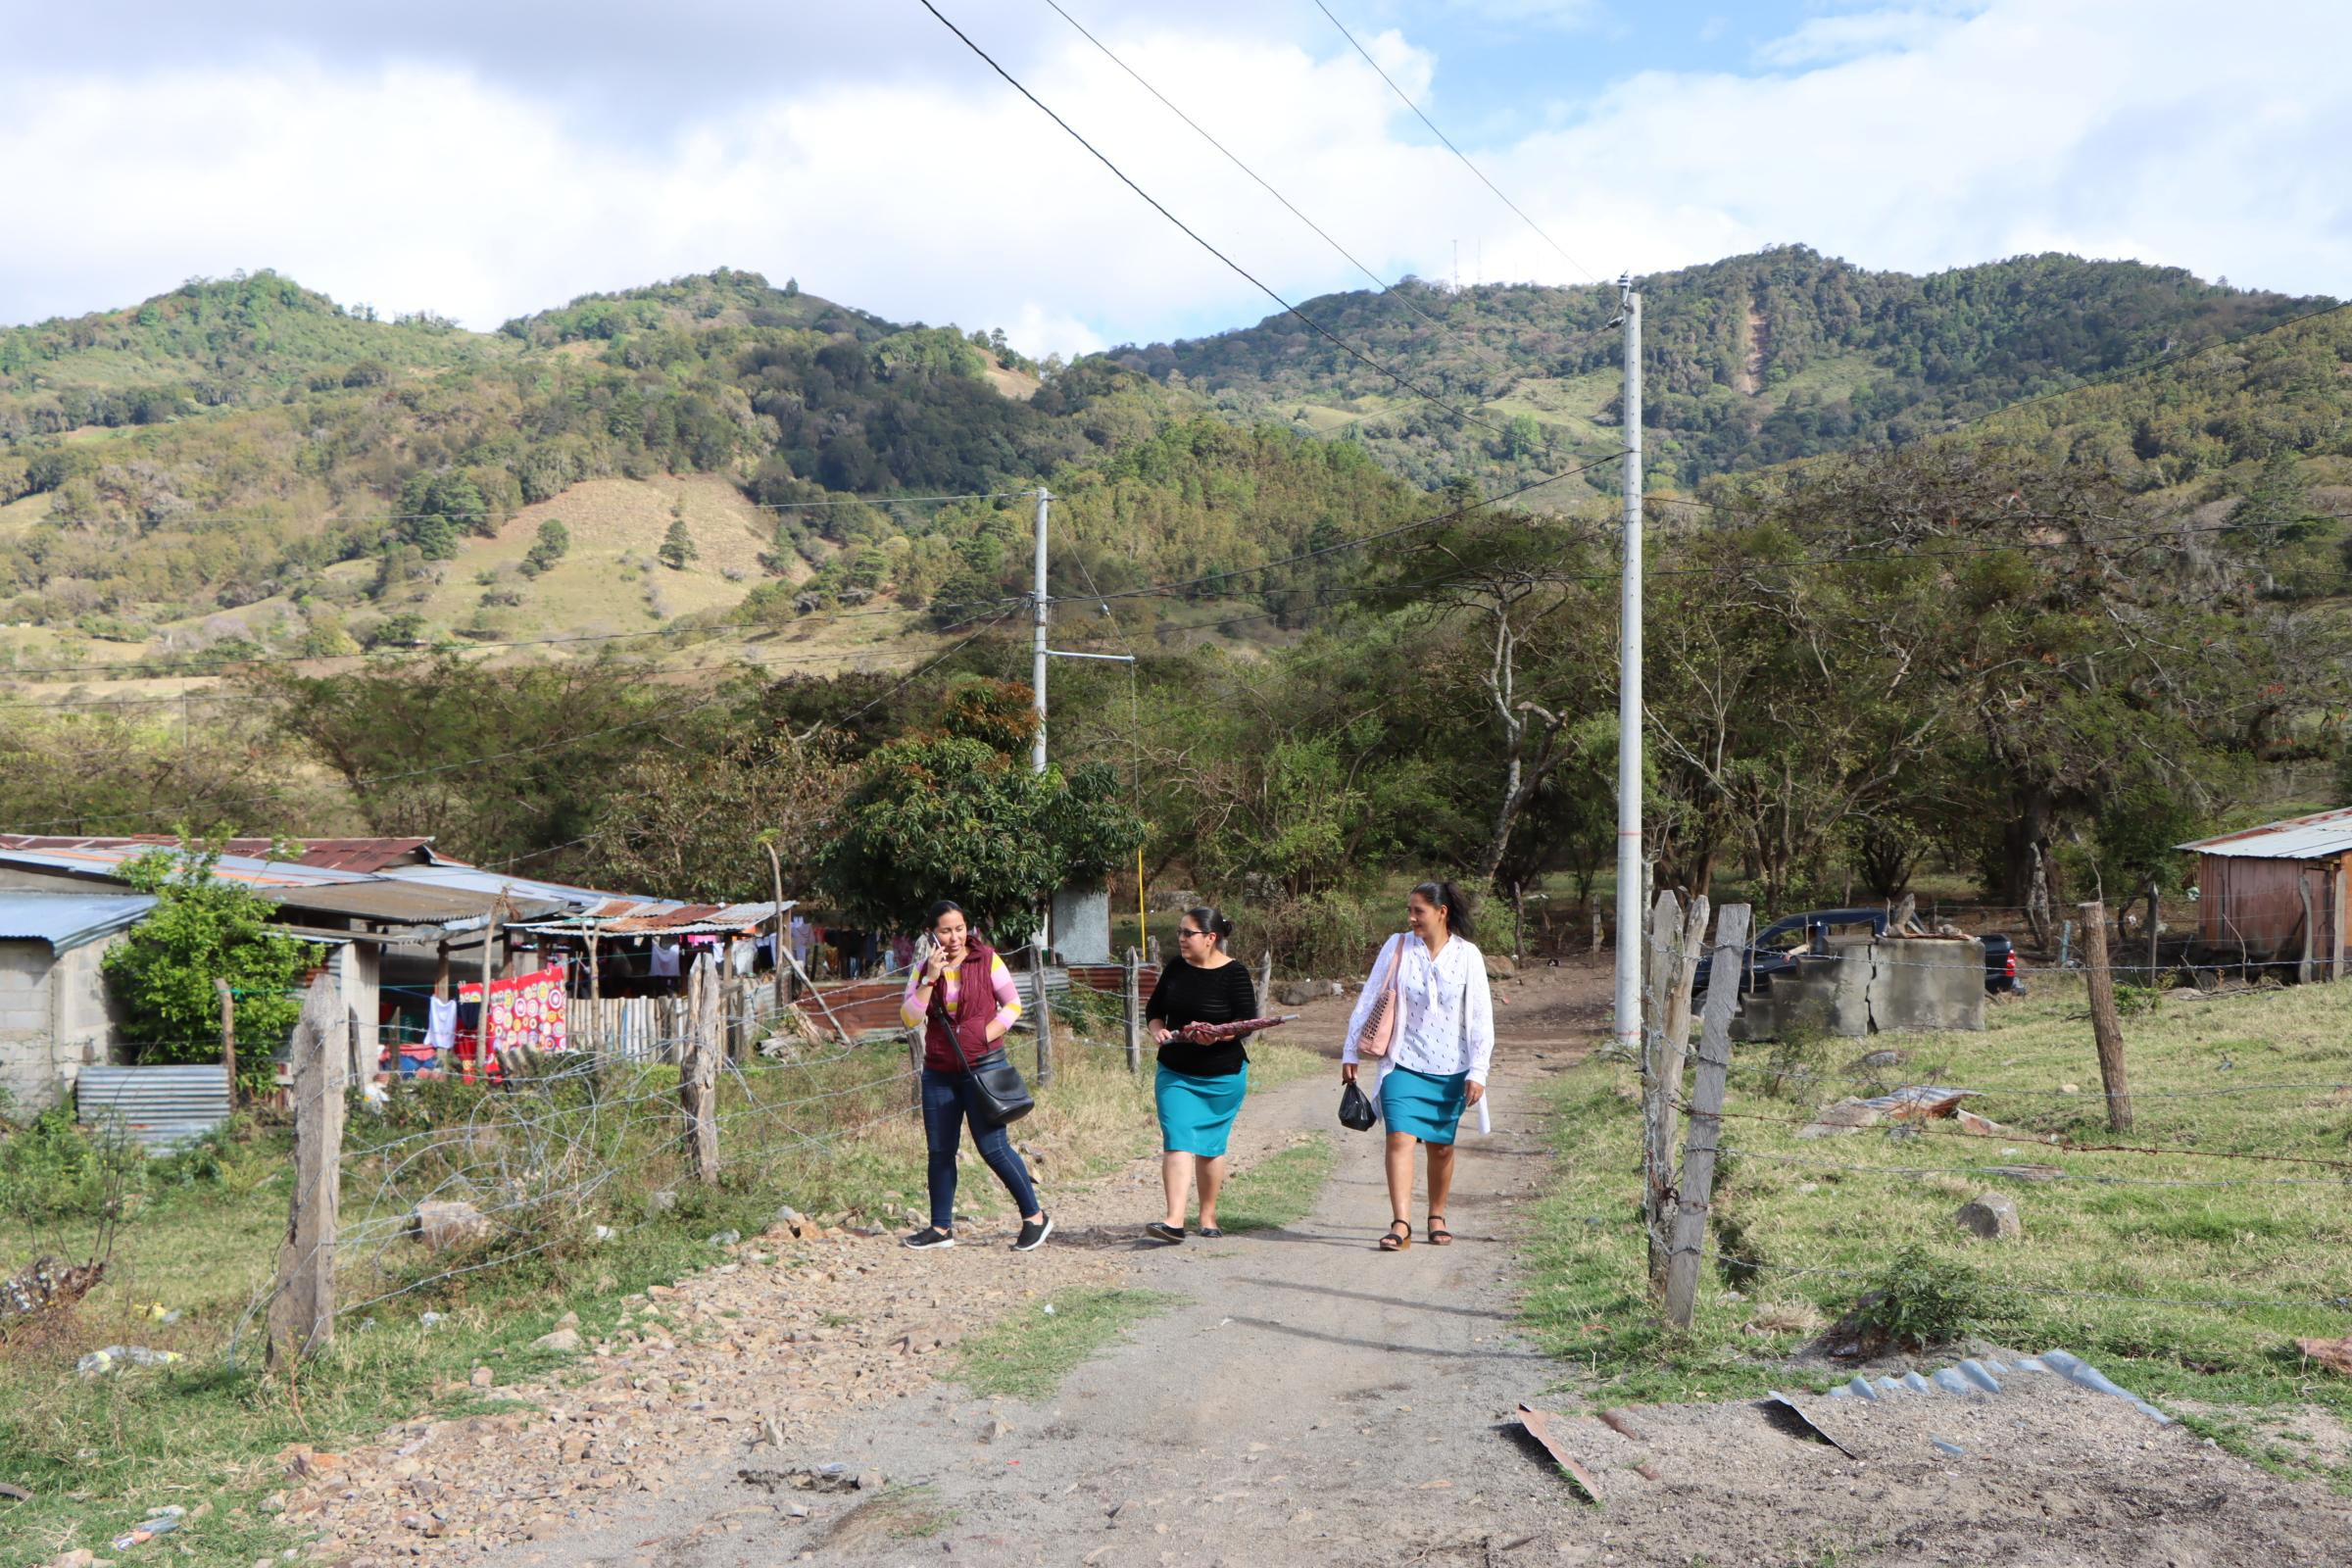 Energía eléctrica llega a más comunidades de Madriz Managua. Radio La Primerísima